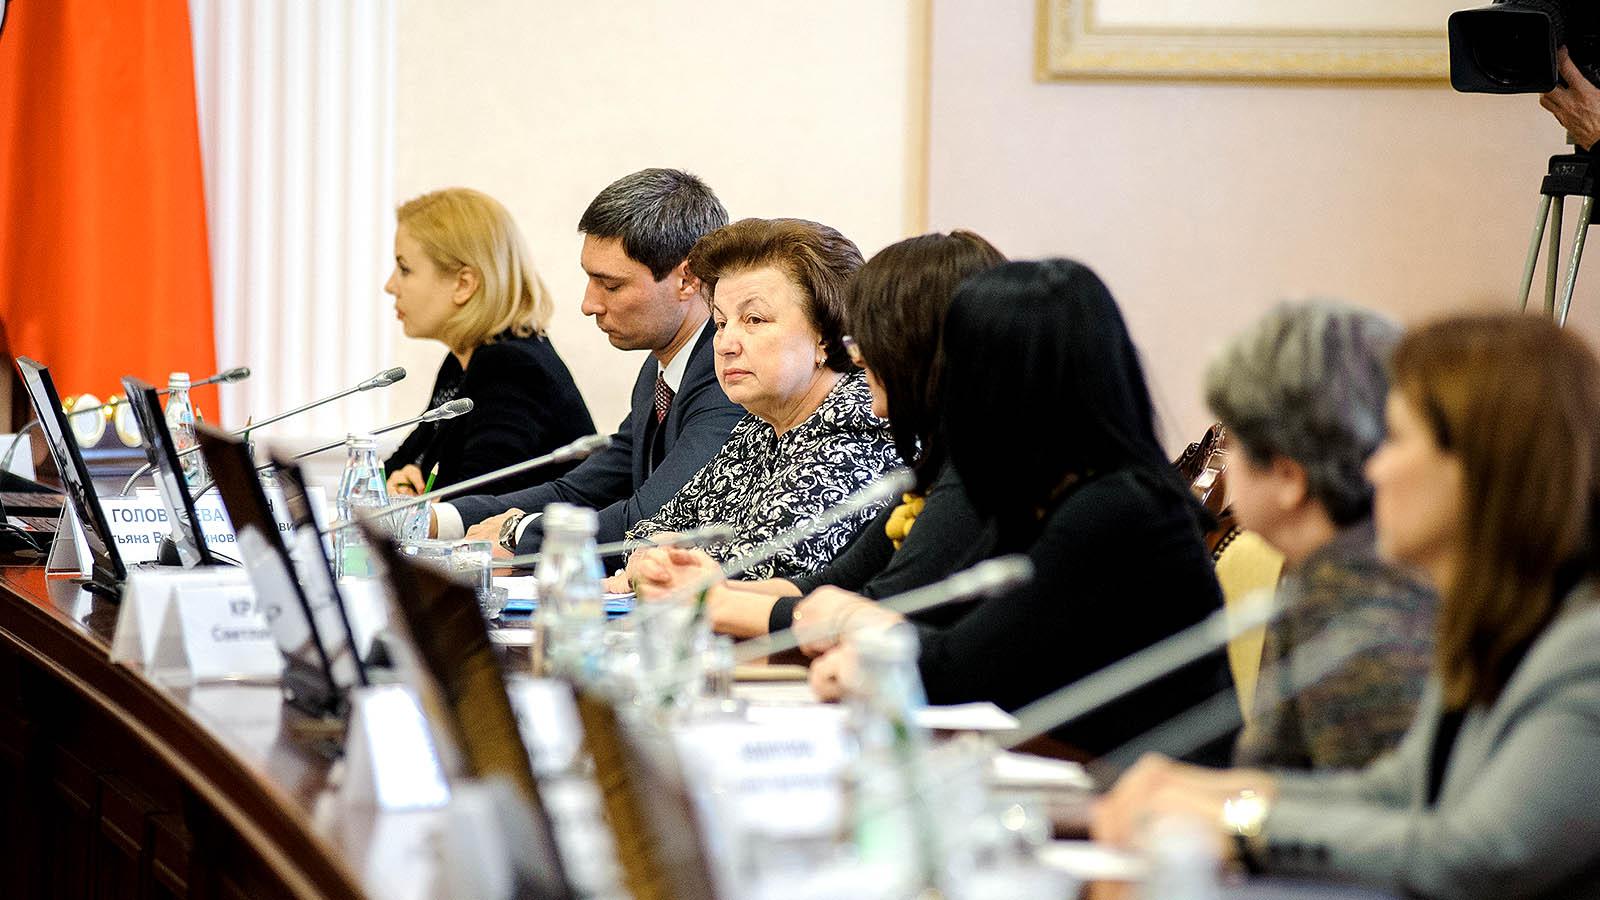 Связано ли повышение тарифов с модернизацией ЖКХ Воронежа?